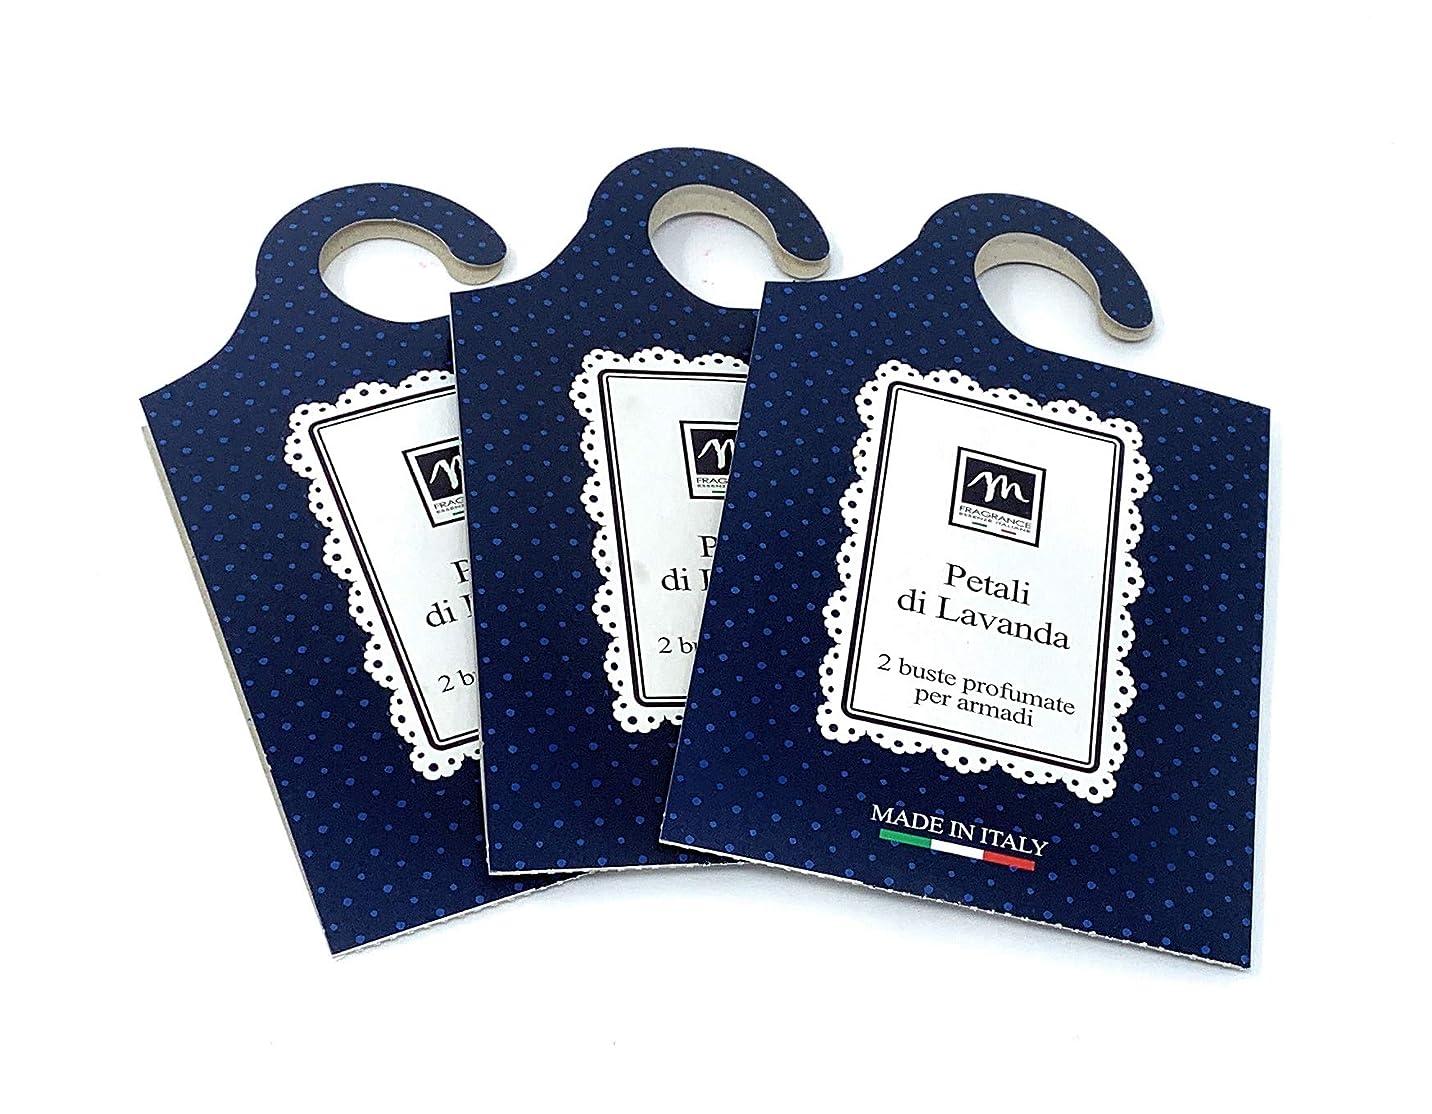 泥だらけグローブ影響力のあるMERCURY ITALY 吊り下げるサシェ(香り袋) MAISON イタリア製 ラベンダーの花びらの香り/Petali di Lavanda 2枚入り×3パック [並行輸入品]